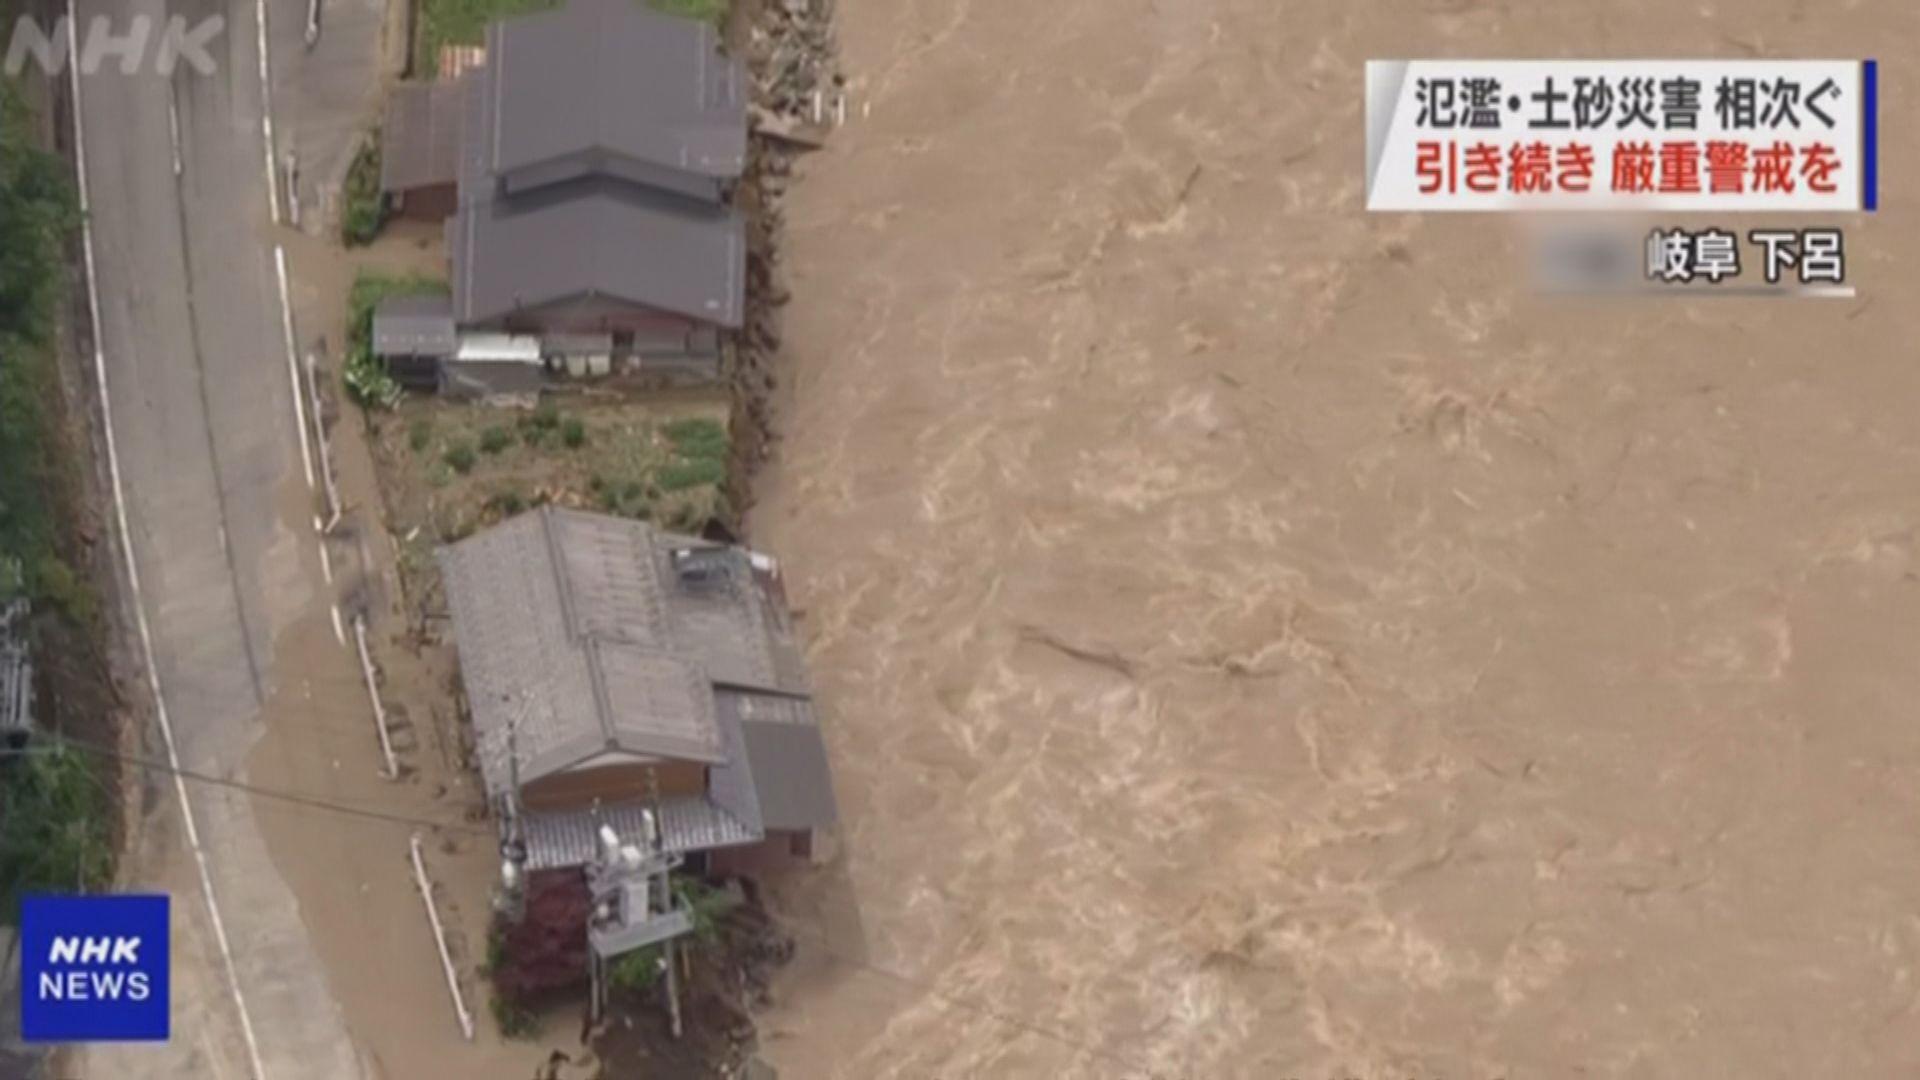 日本九州水災持續 岐阜長野錄得破紀錄大雨河川氾濫